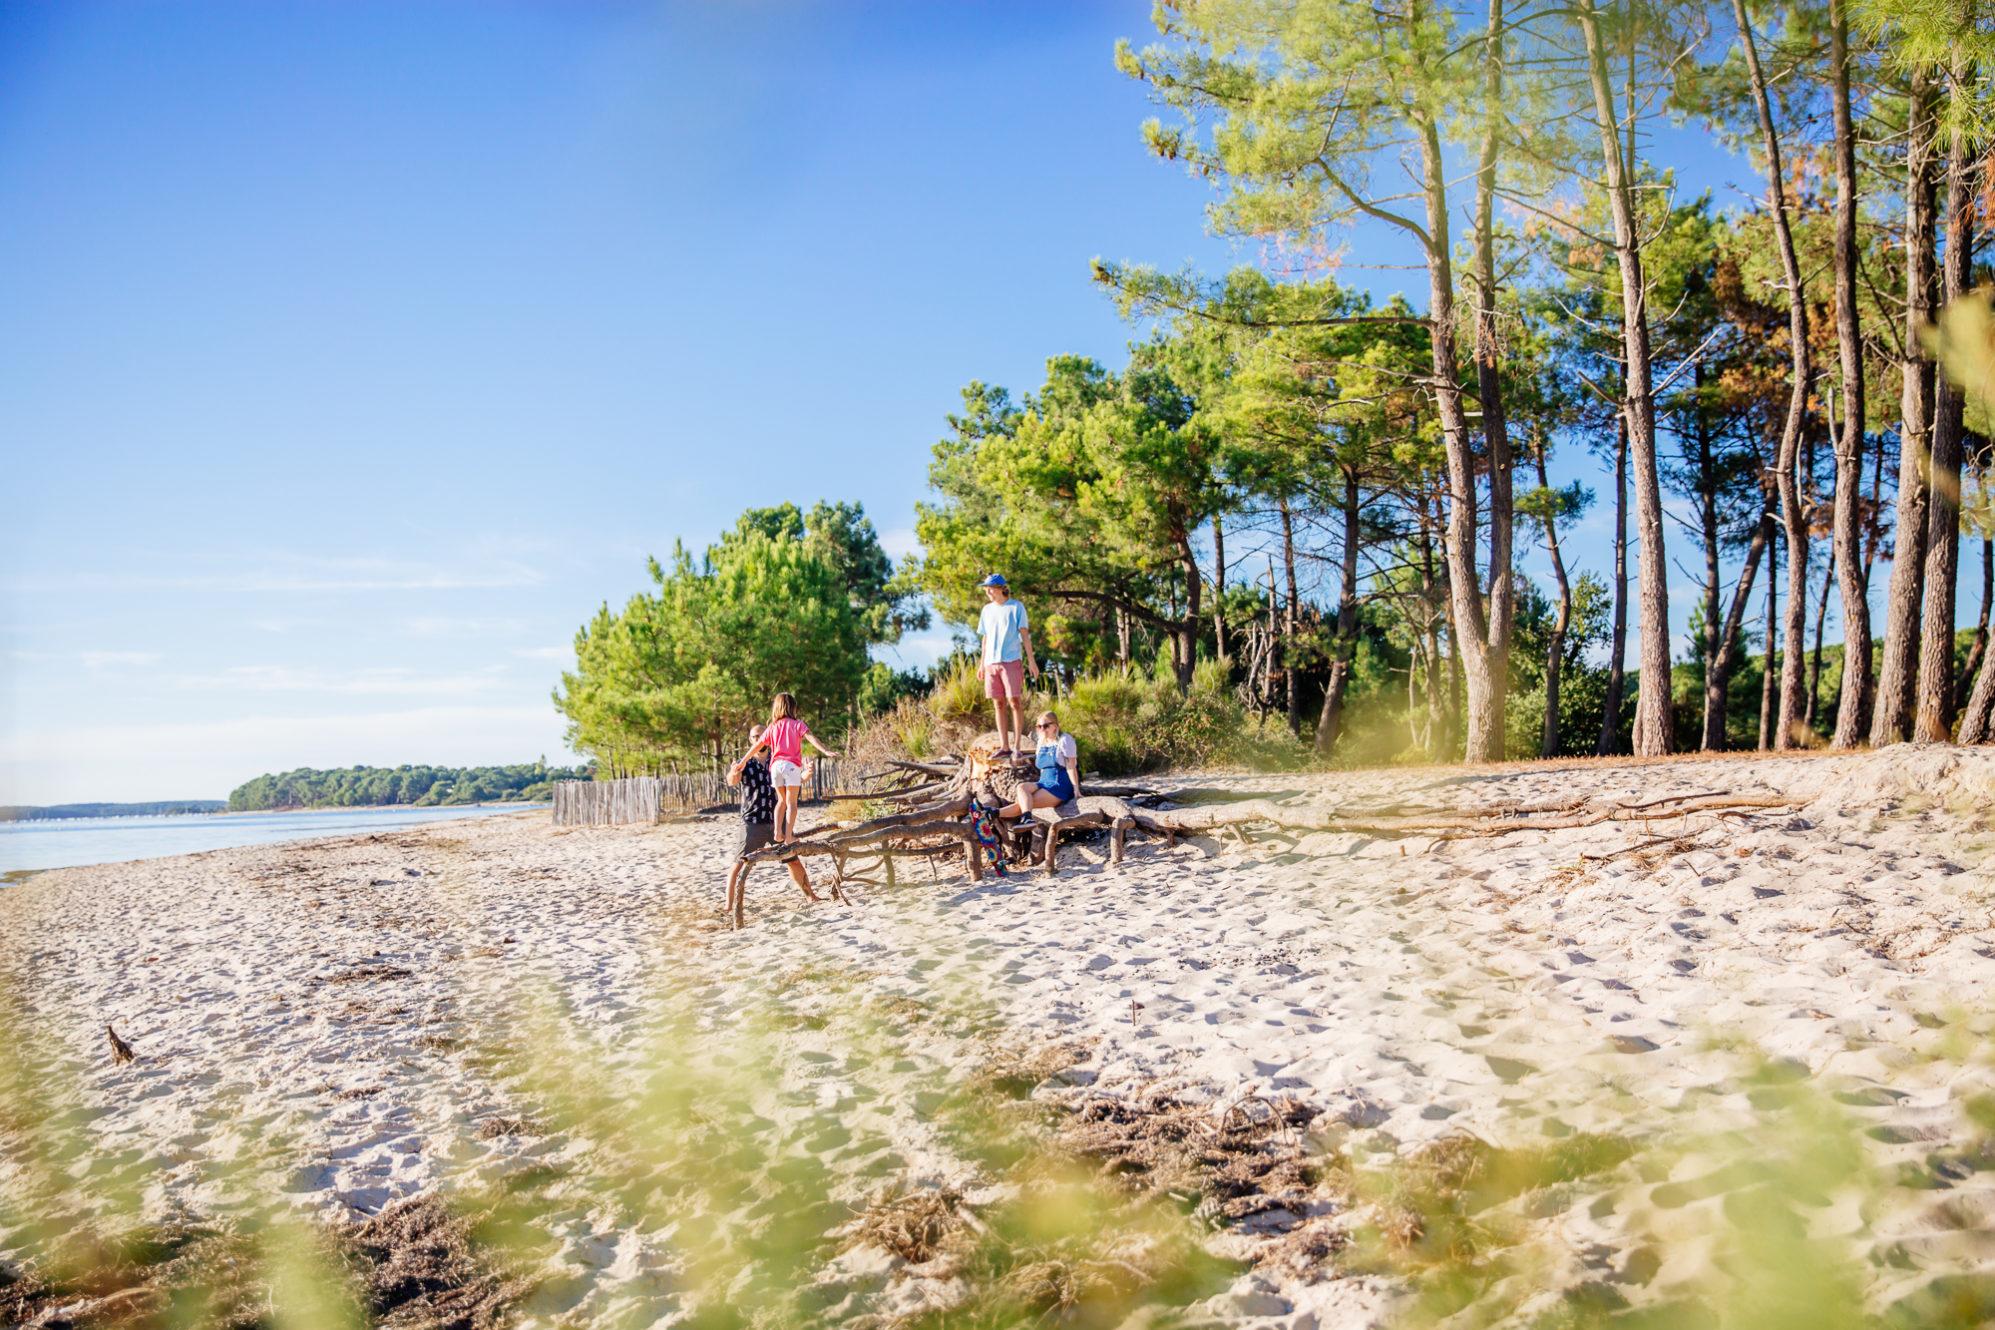 Famille se baladant sur la plage